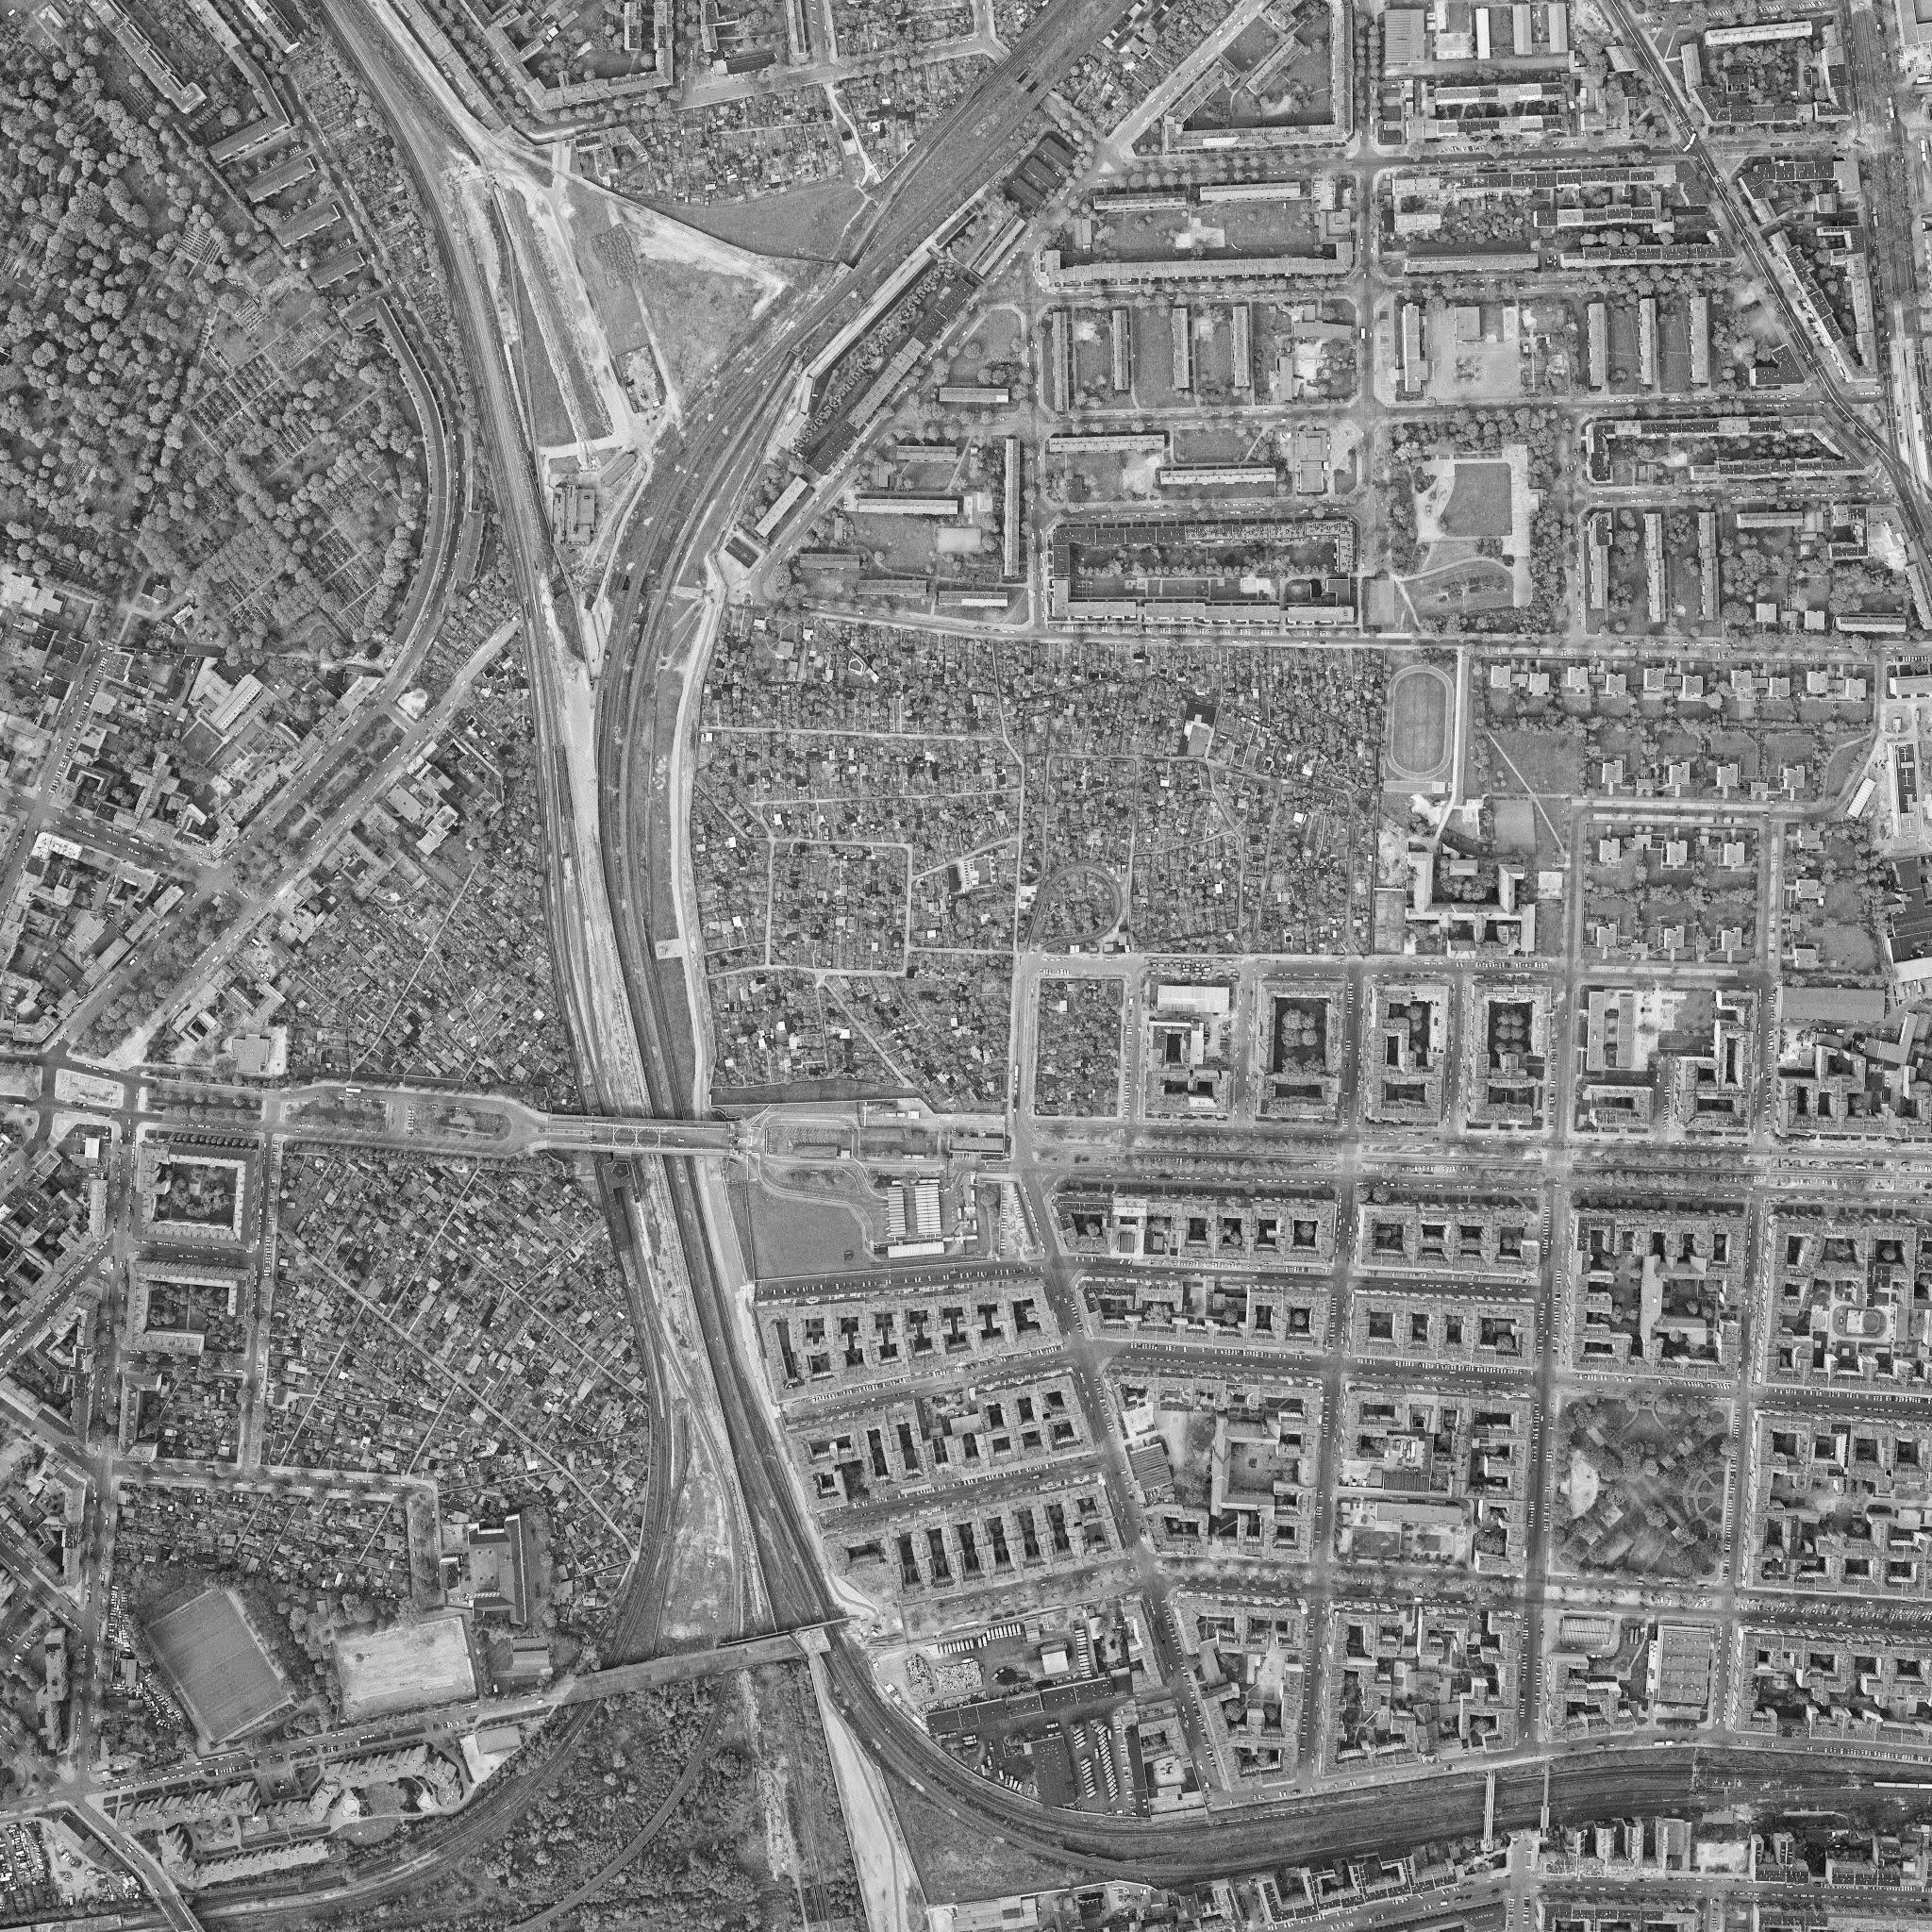 Photo: Kleingartenanlagen an der Bornholmer Str. im April 1989. Quelle: Senatsverwaltung für Stadtentwicklung